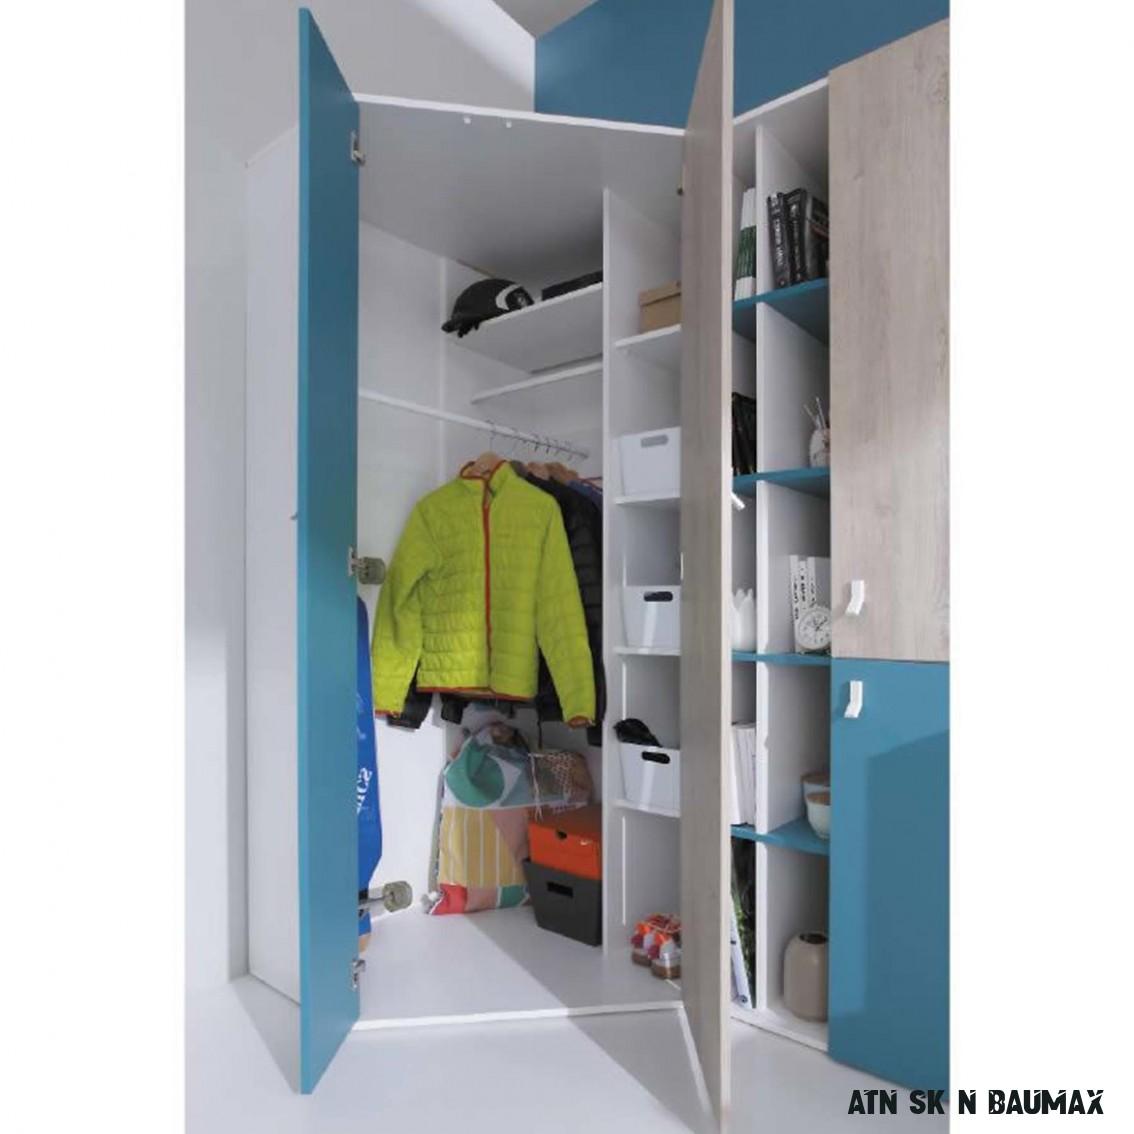 Jak navrhnout interiér šatní skříně? Poradíme, co hledat / Rady